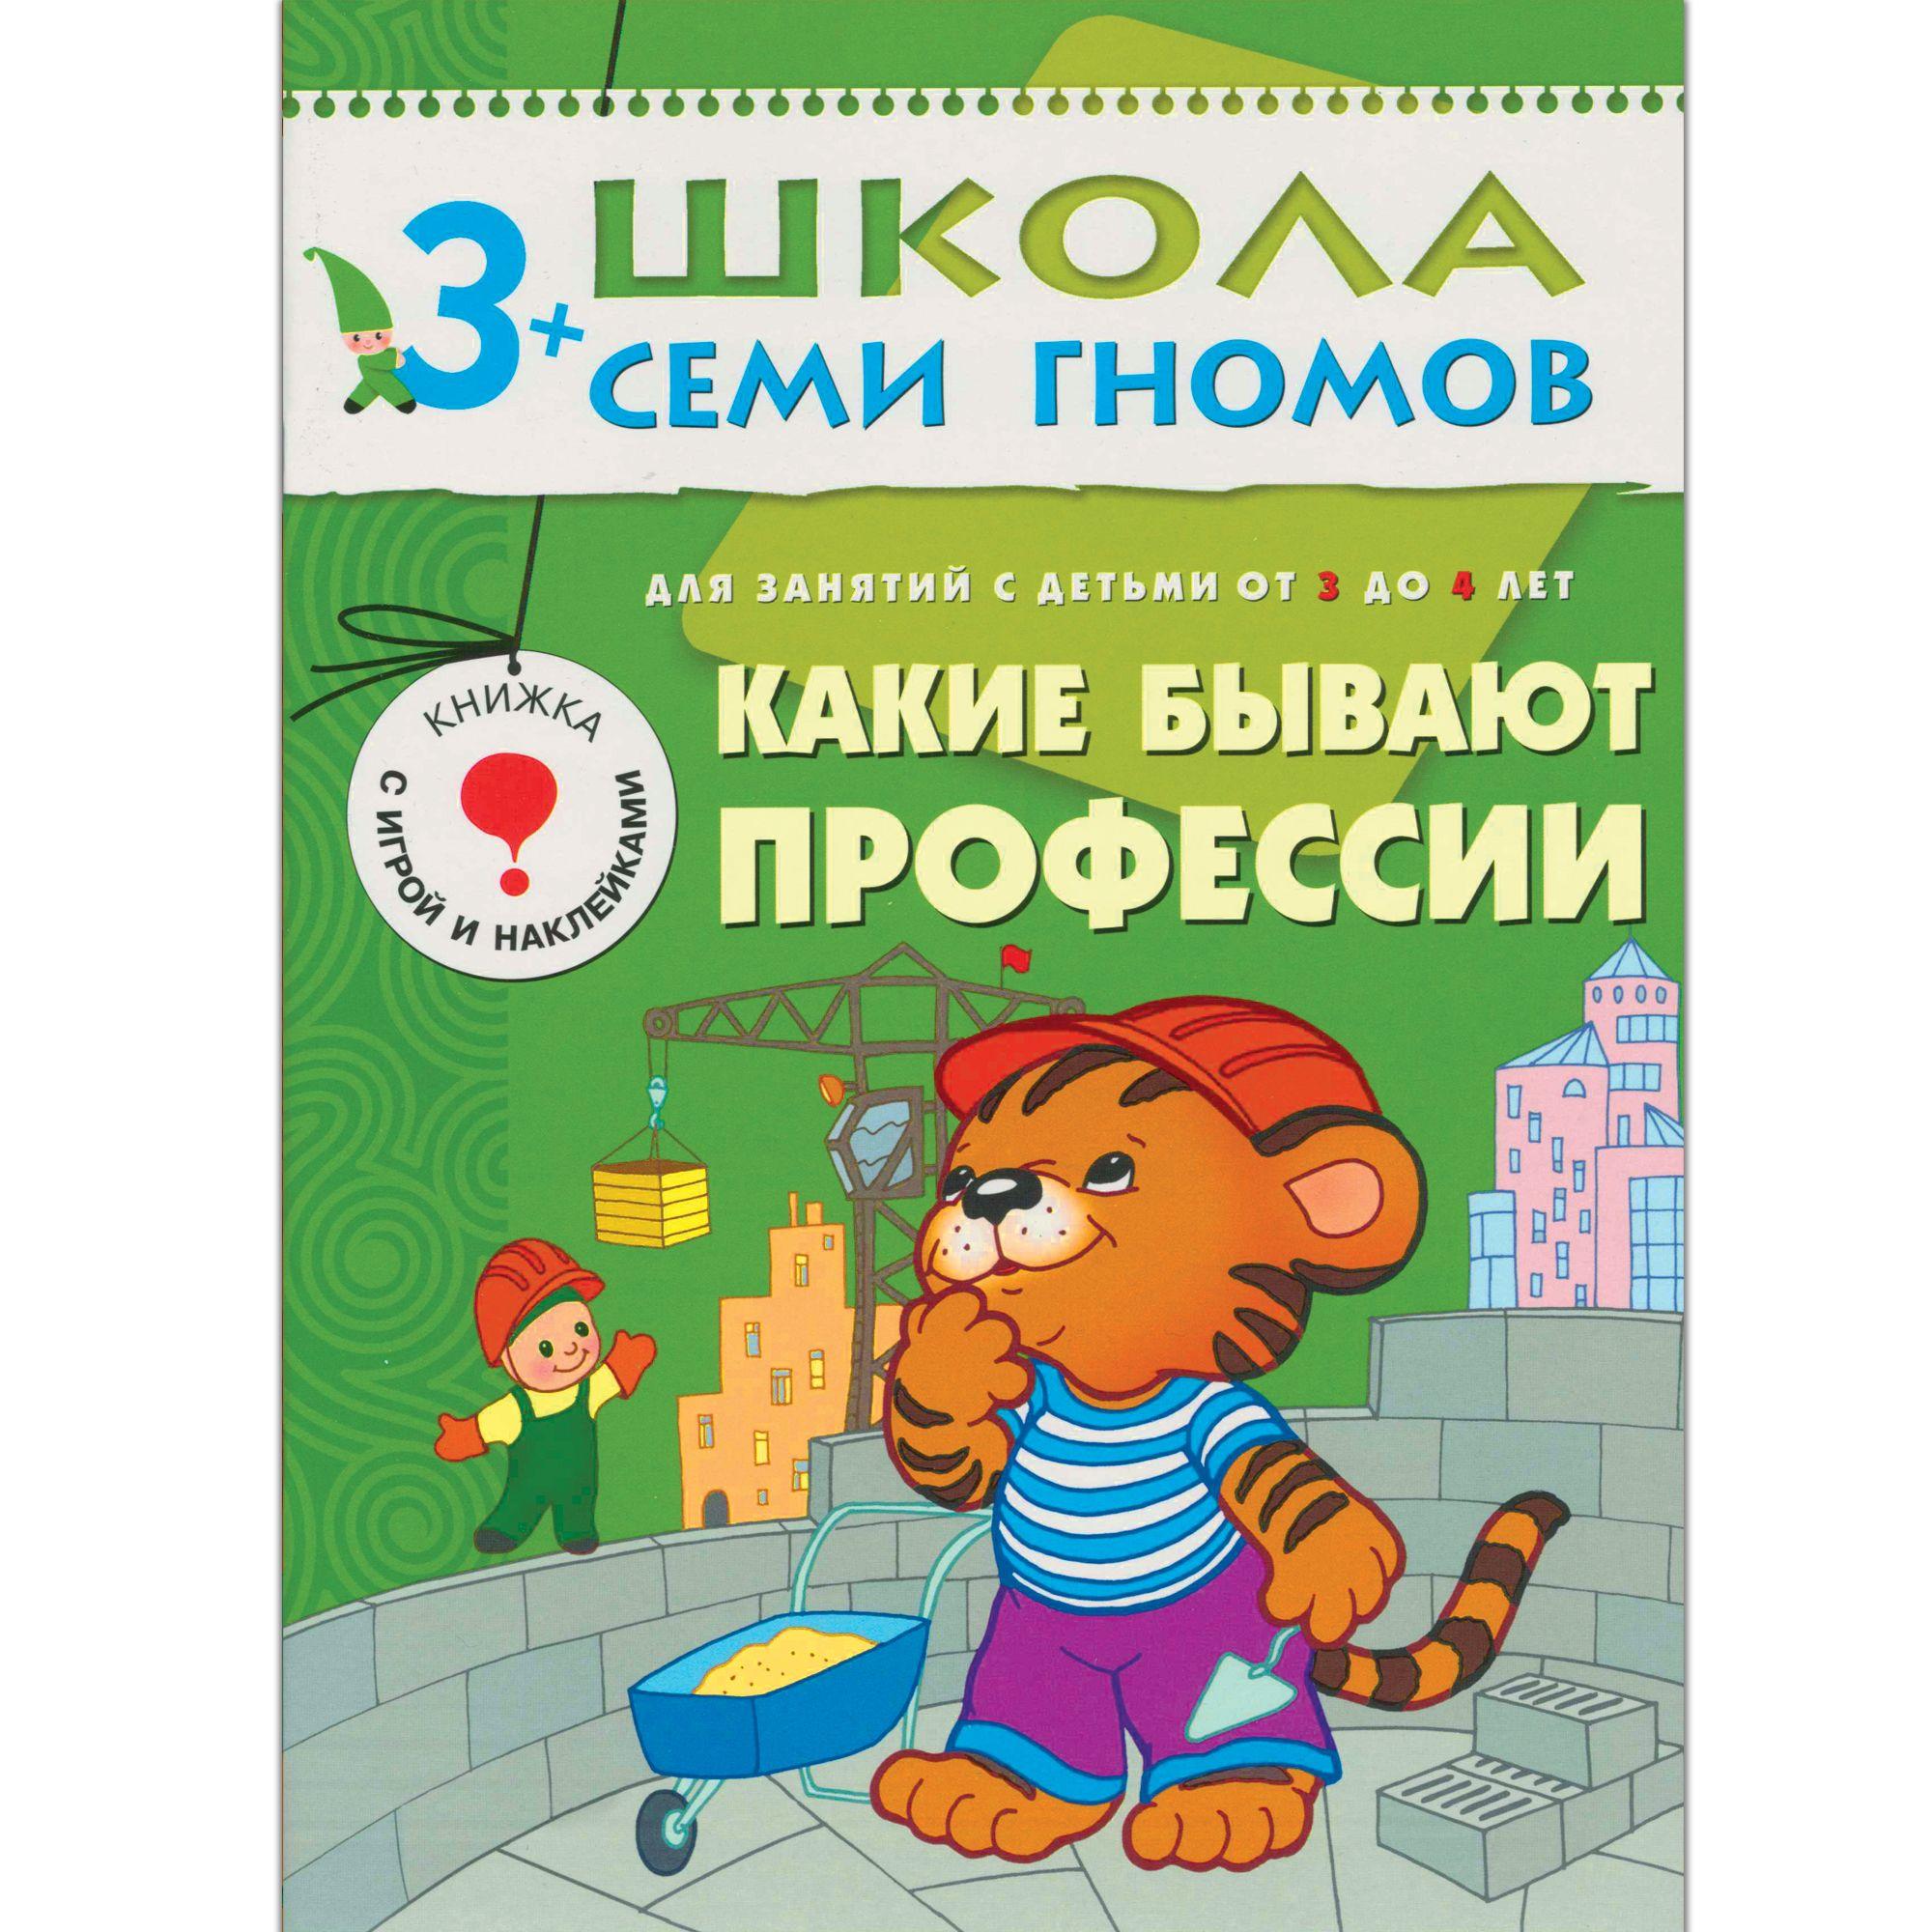 Какие бывают профессии: Для занятий с детьми от 3 до 4 лет: Книжка с игрой